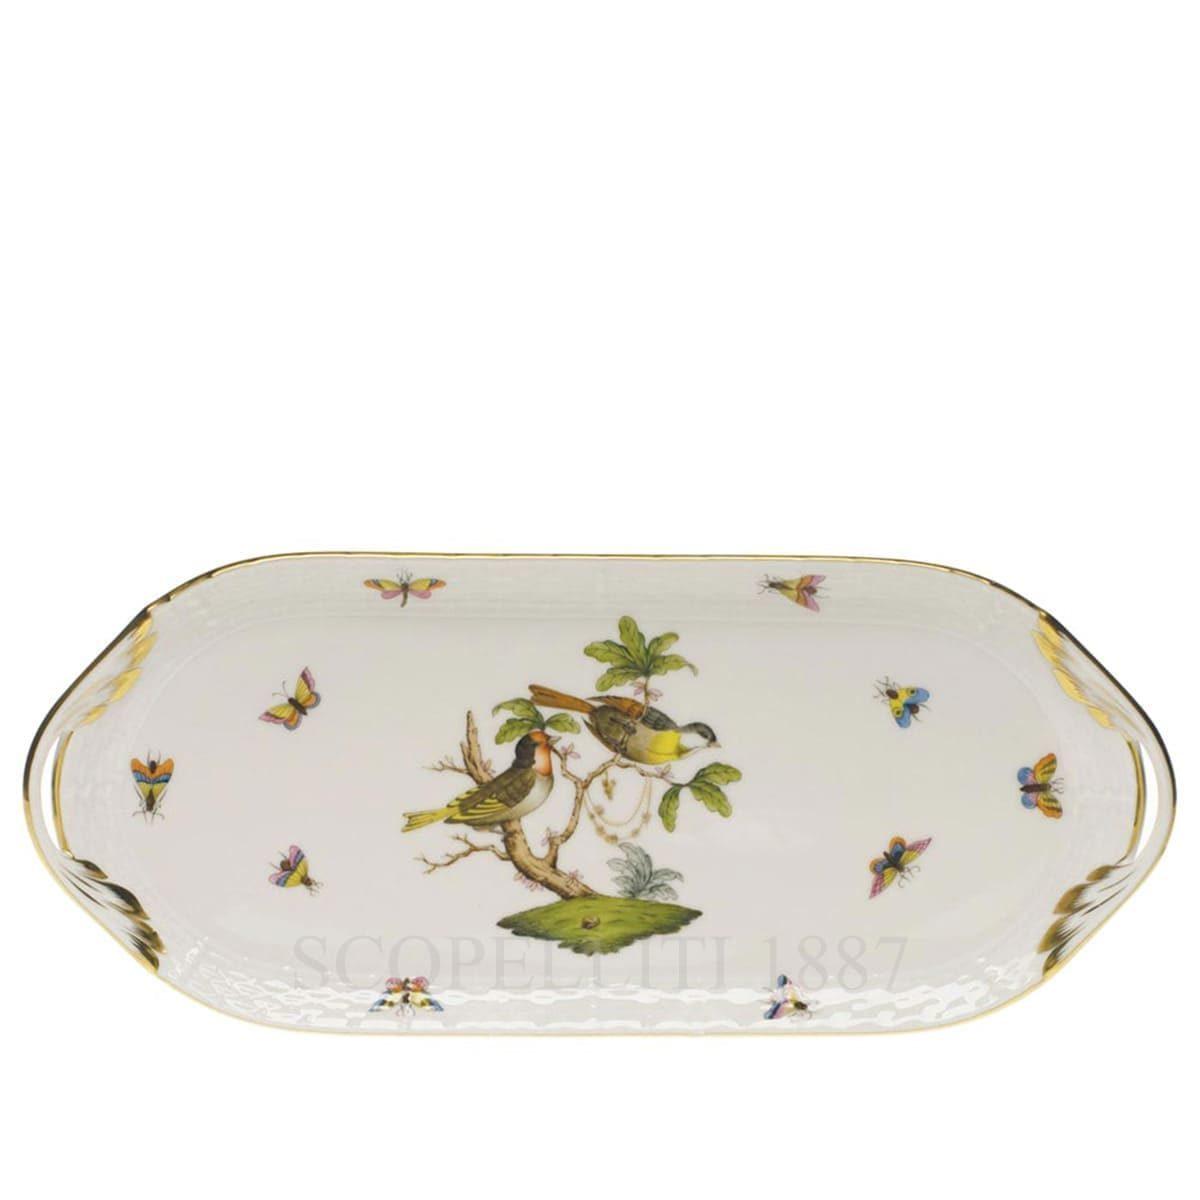 herend porcelain rothschild sandwich dish